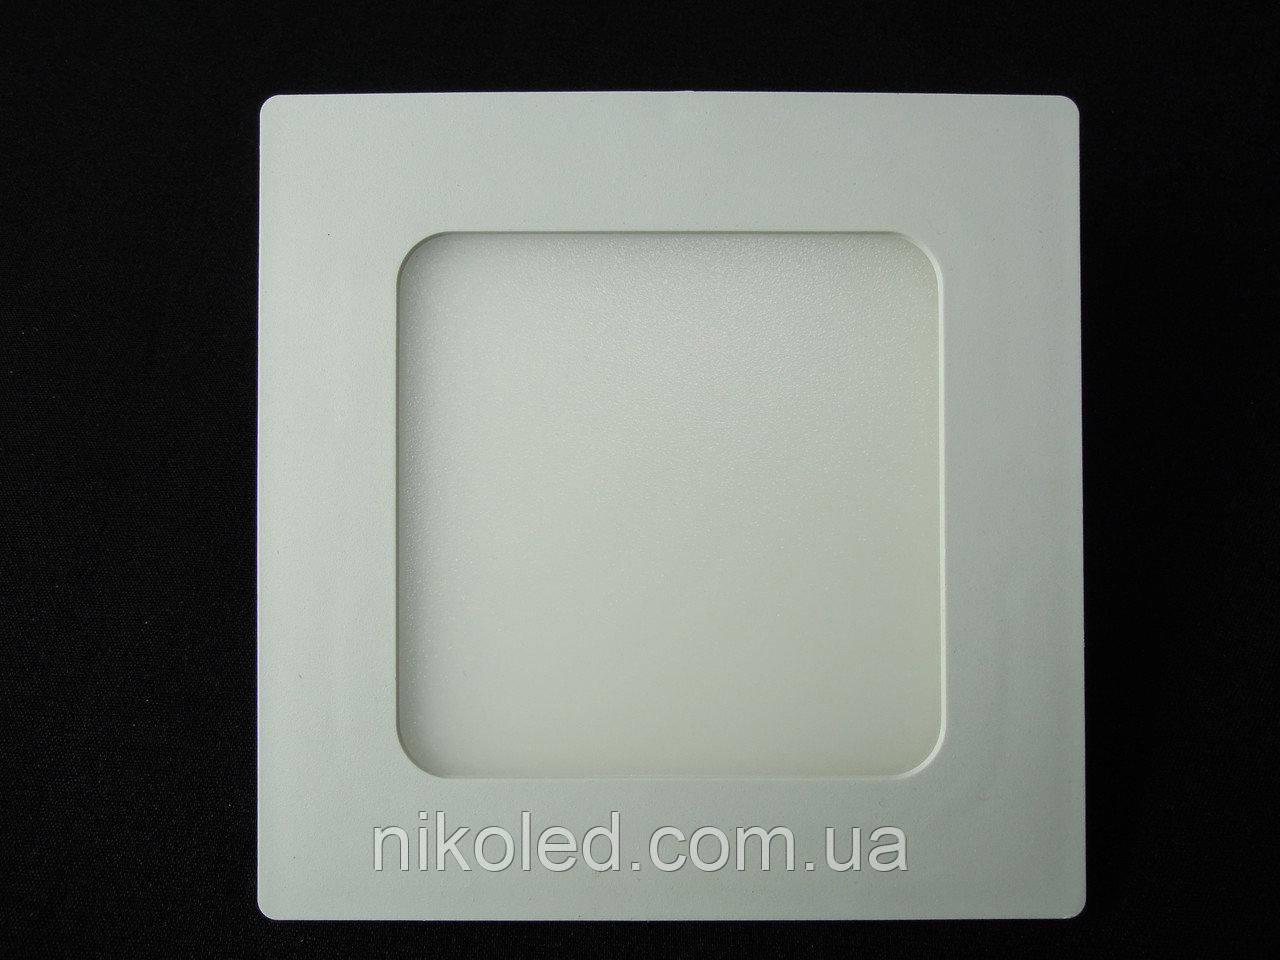 Світильник точковий Slim LED 6W квадрат нейтральний білий